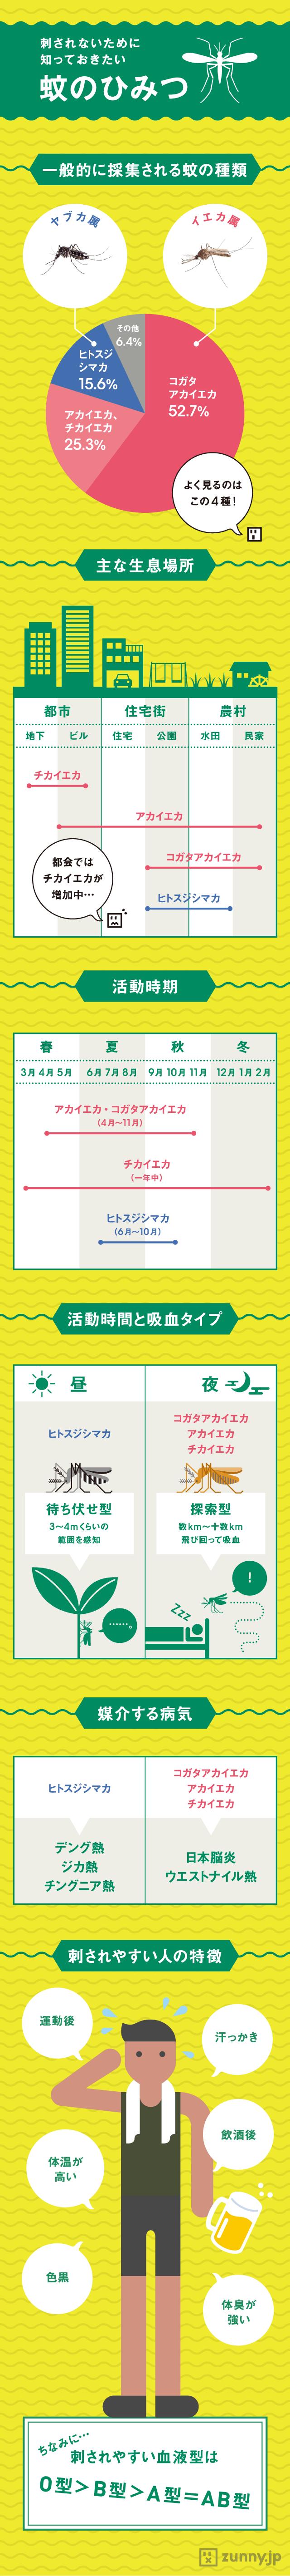 インフォグラフィック:蚊に刺されやすい人の7つの特徴。ボウフラ対策に10円玉が効果的